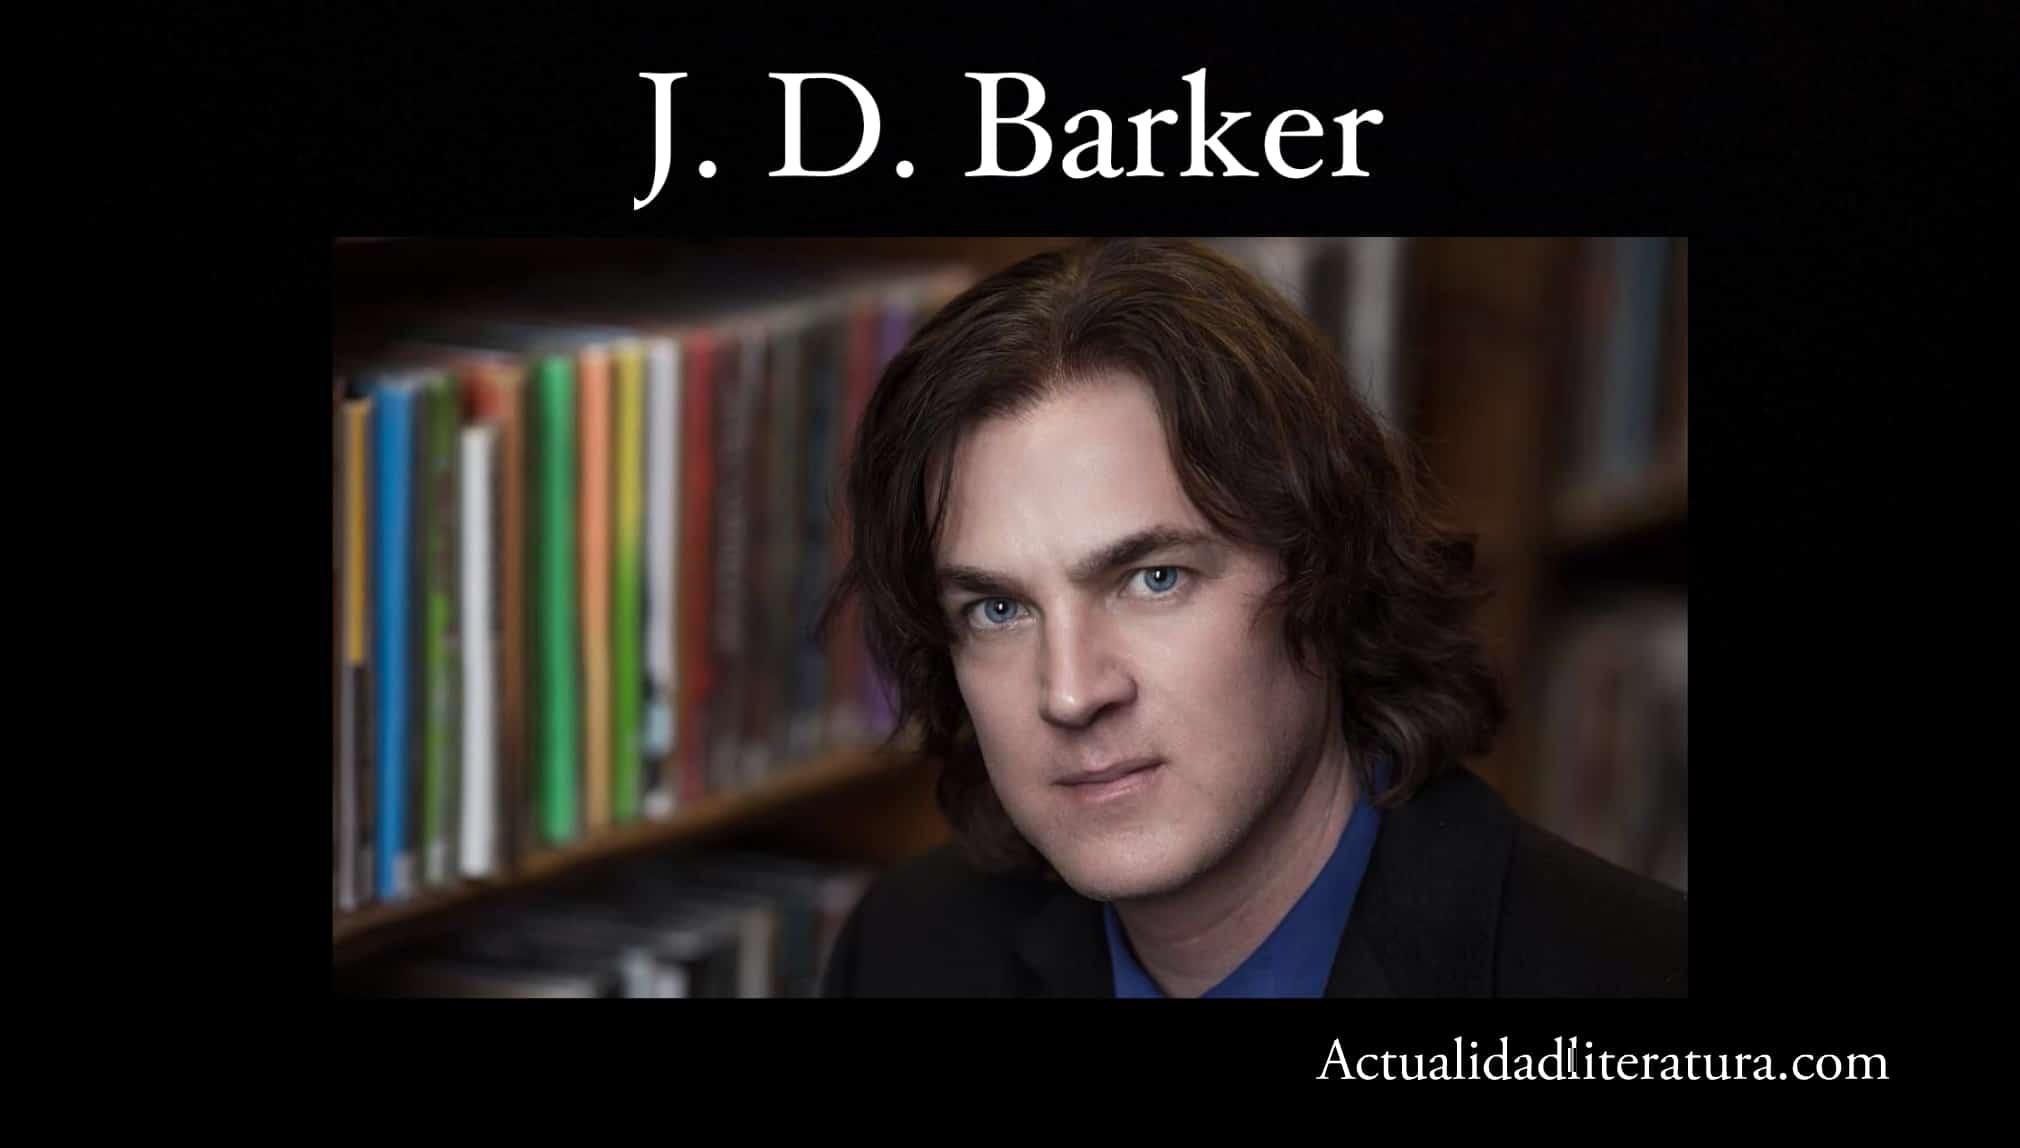 J. D. Barker